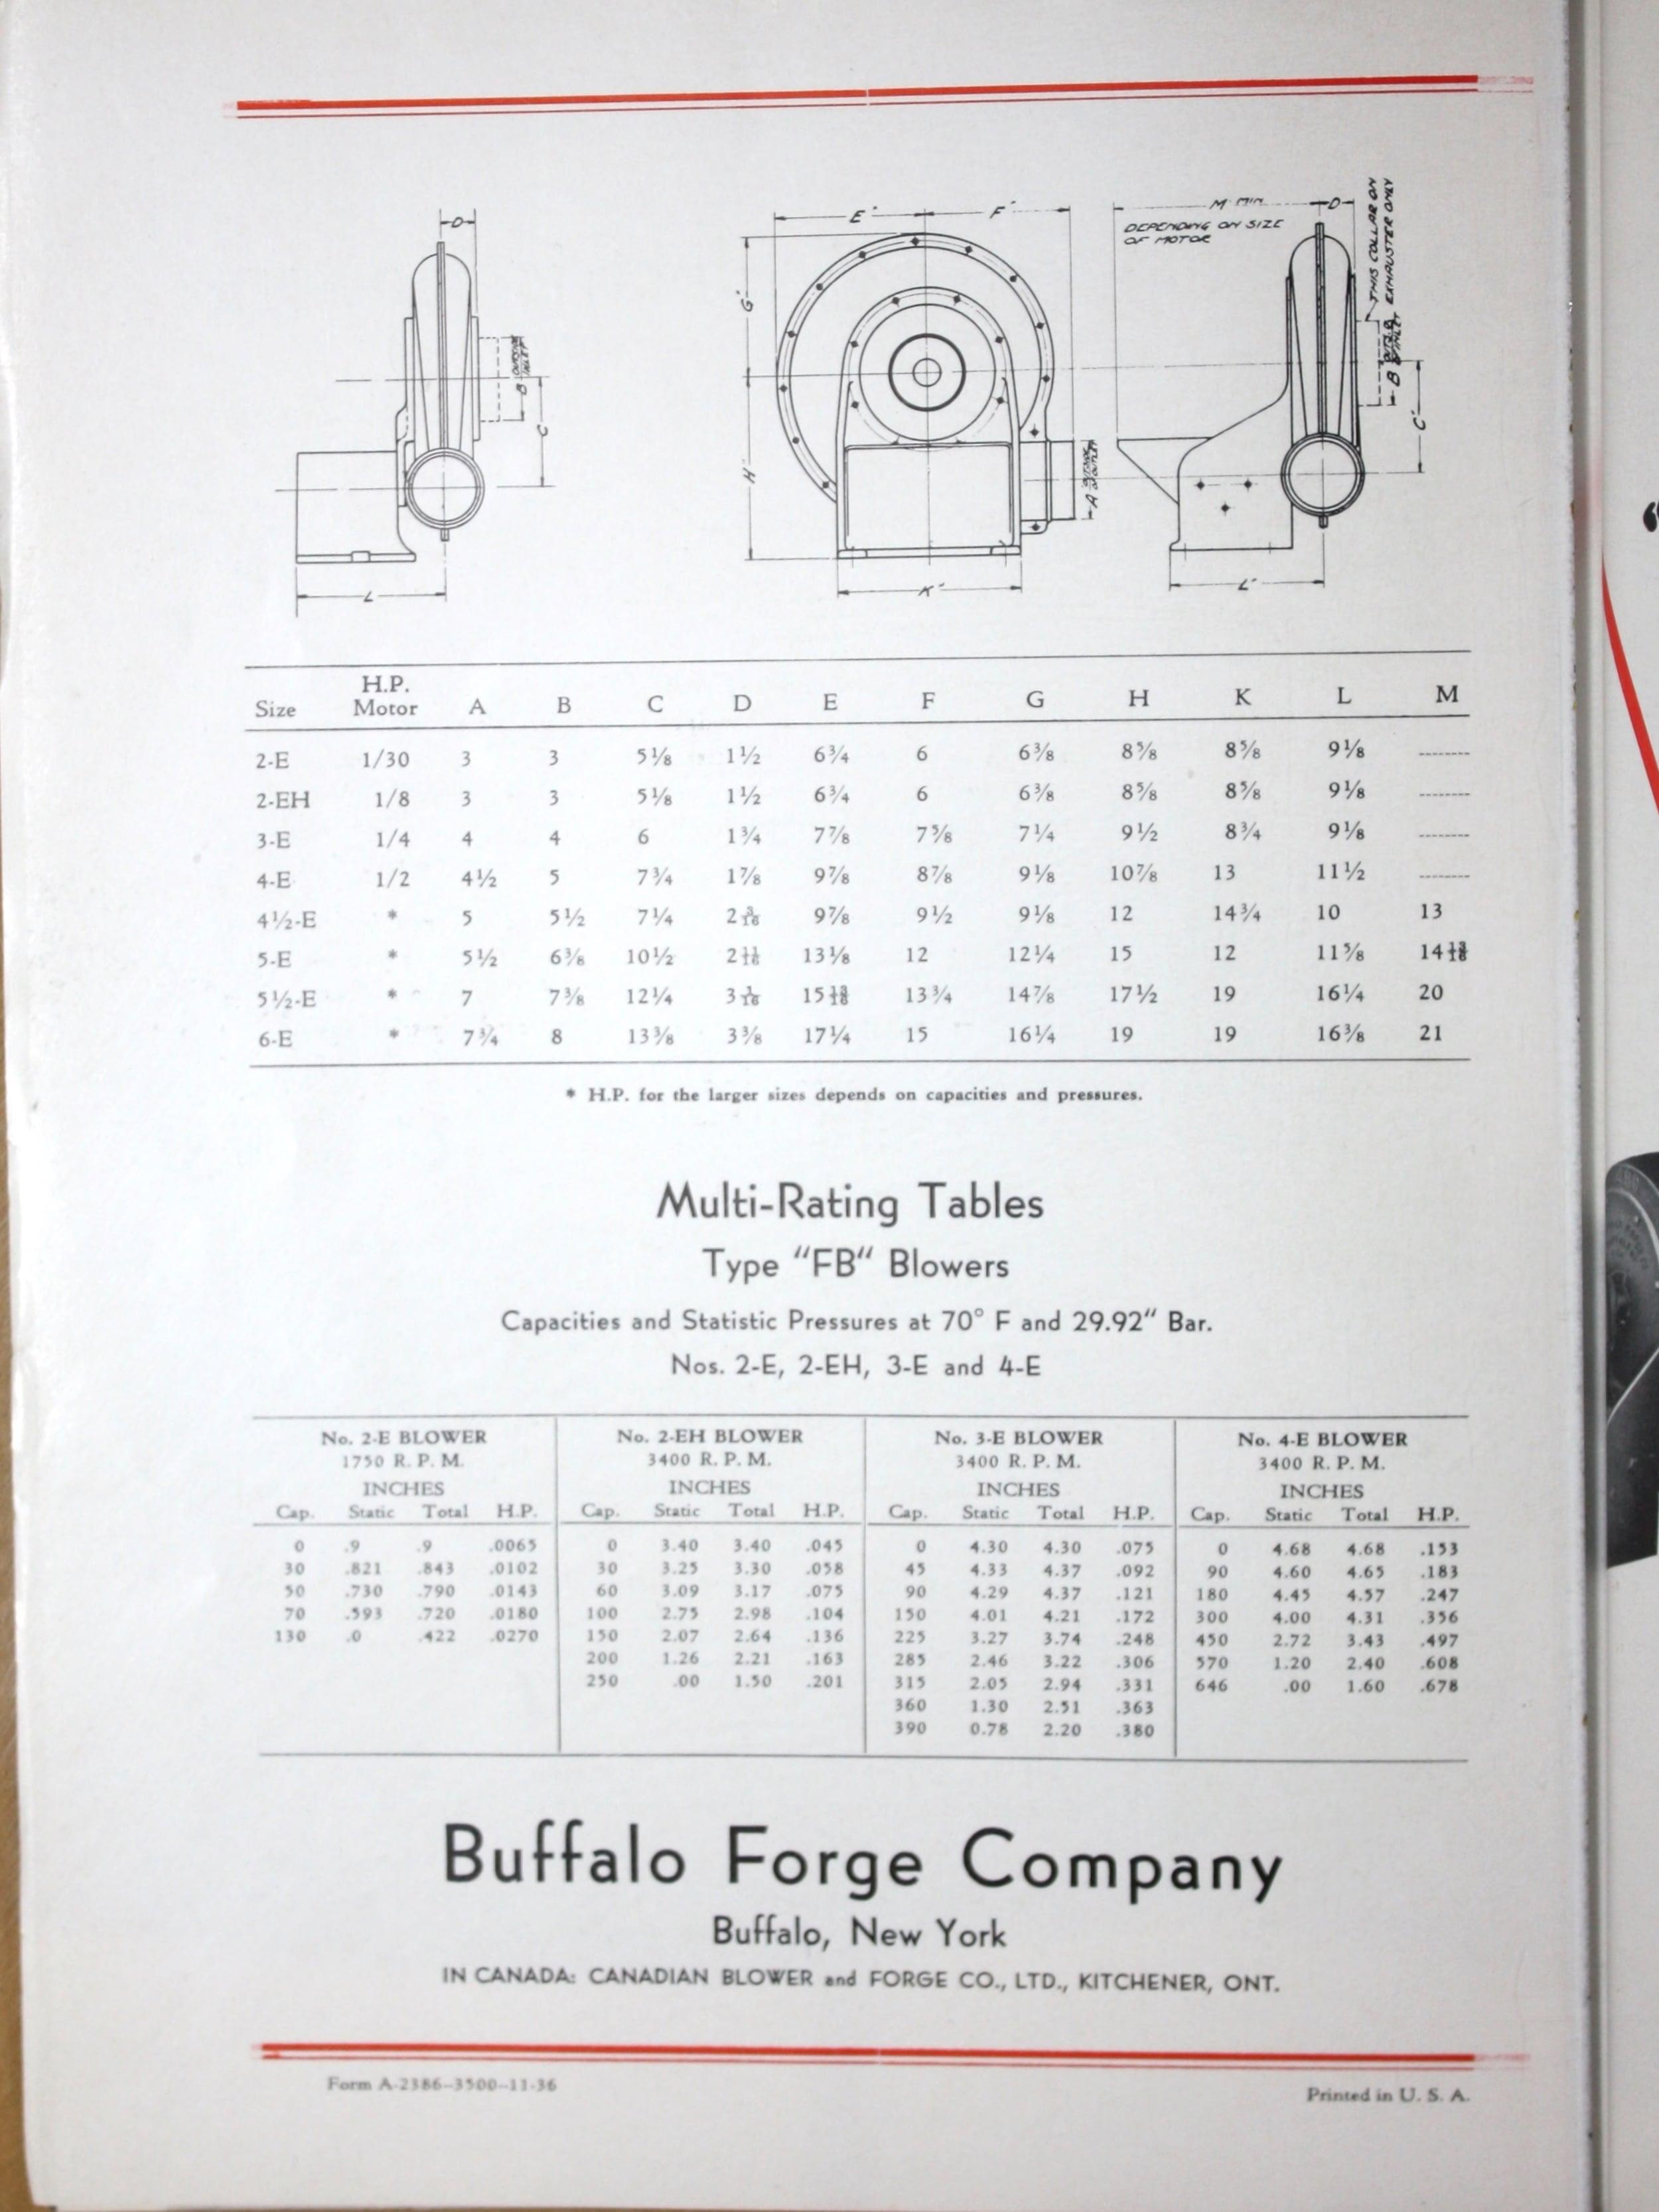 BuffaloForgeCoCca42778_0043.jpg